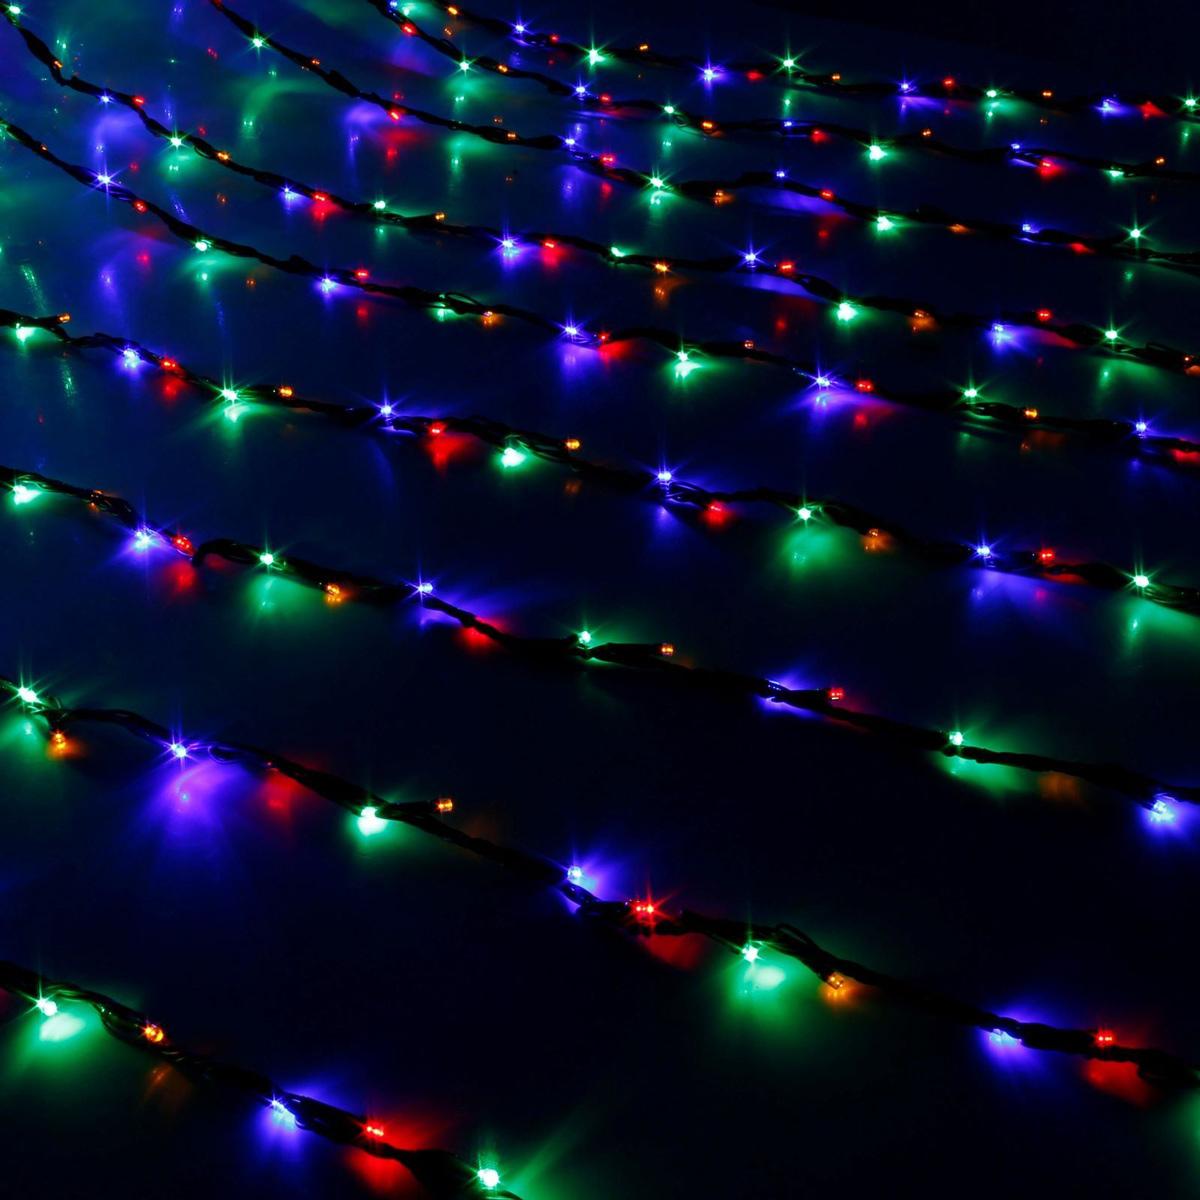 Гирлянда светодиодная Luazon Дождь, уличная, 8 режимов, 400 ламп, 220 V, цвет: мультиколор, 2 х 1,5 м. 671674671674Светодиодные гирлянды, ленты и т.д — это отличный вариант для новогоднего оформления интерьера или фасада. С их помощью помещение любого размера можно превратить в праздничный зал, а внешние элементы зданий, украшенные ими, мгновенно станут напоминать очертания сказочного дворца. Такие украшения создают ауру предвкушения чуда. Деревья, фасады, витрины, окна и арки будто специально созданы, чтобы вы украсили их светящимися нитями.